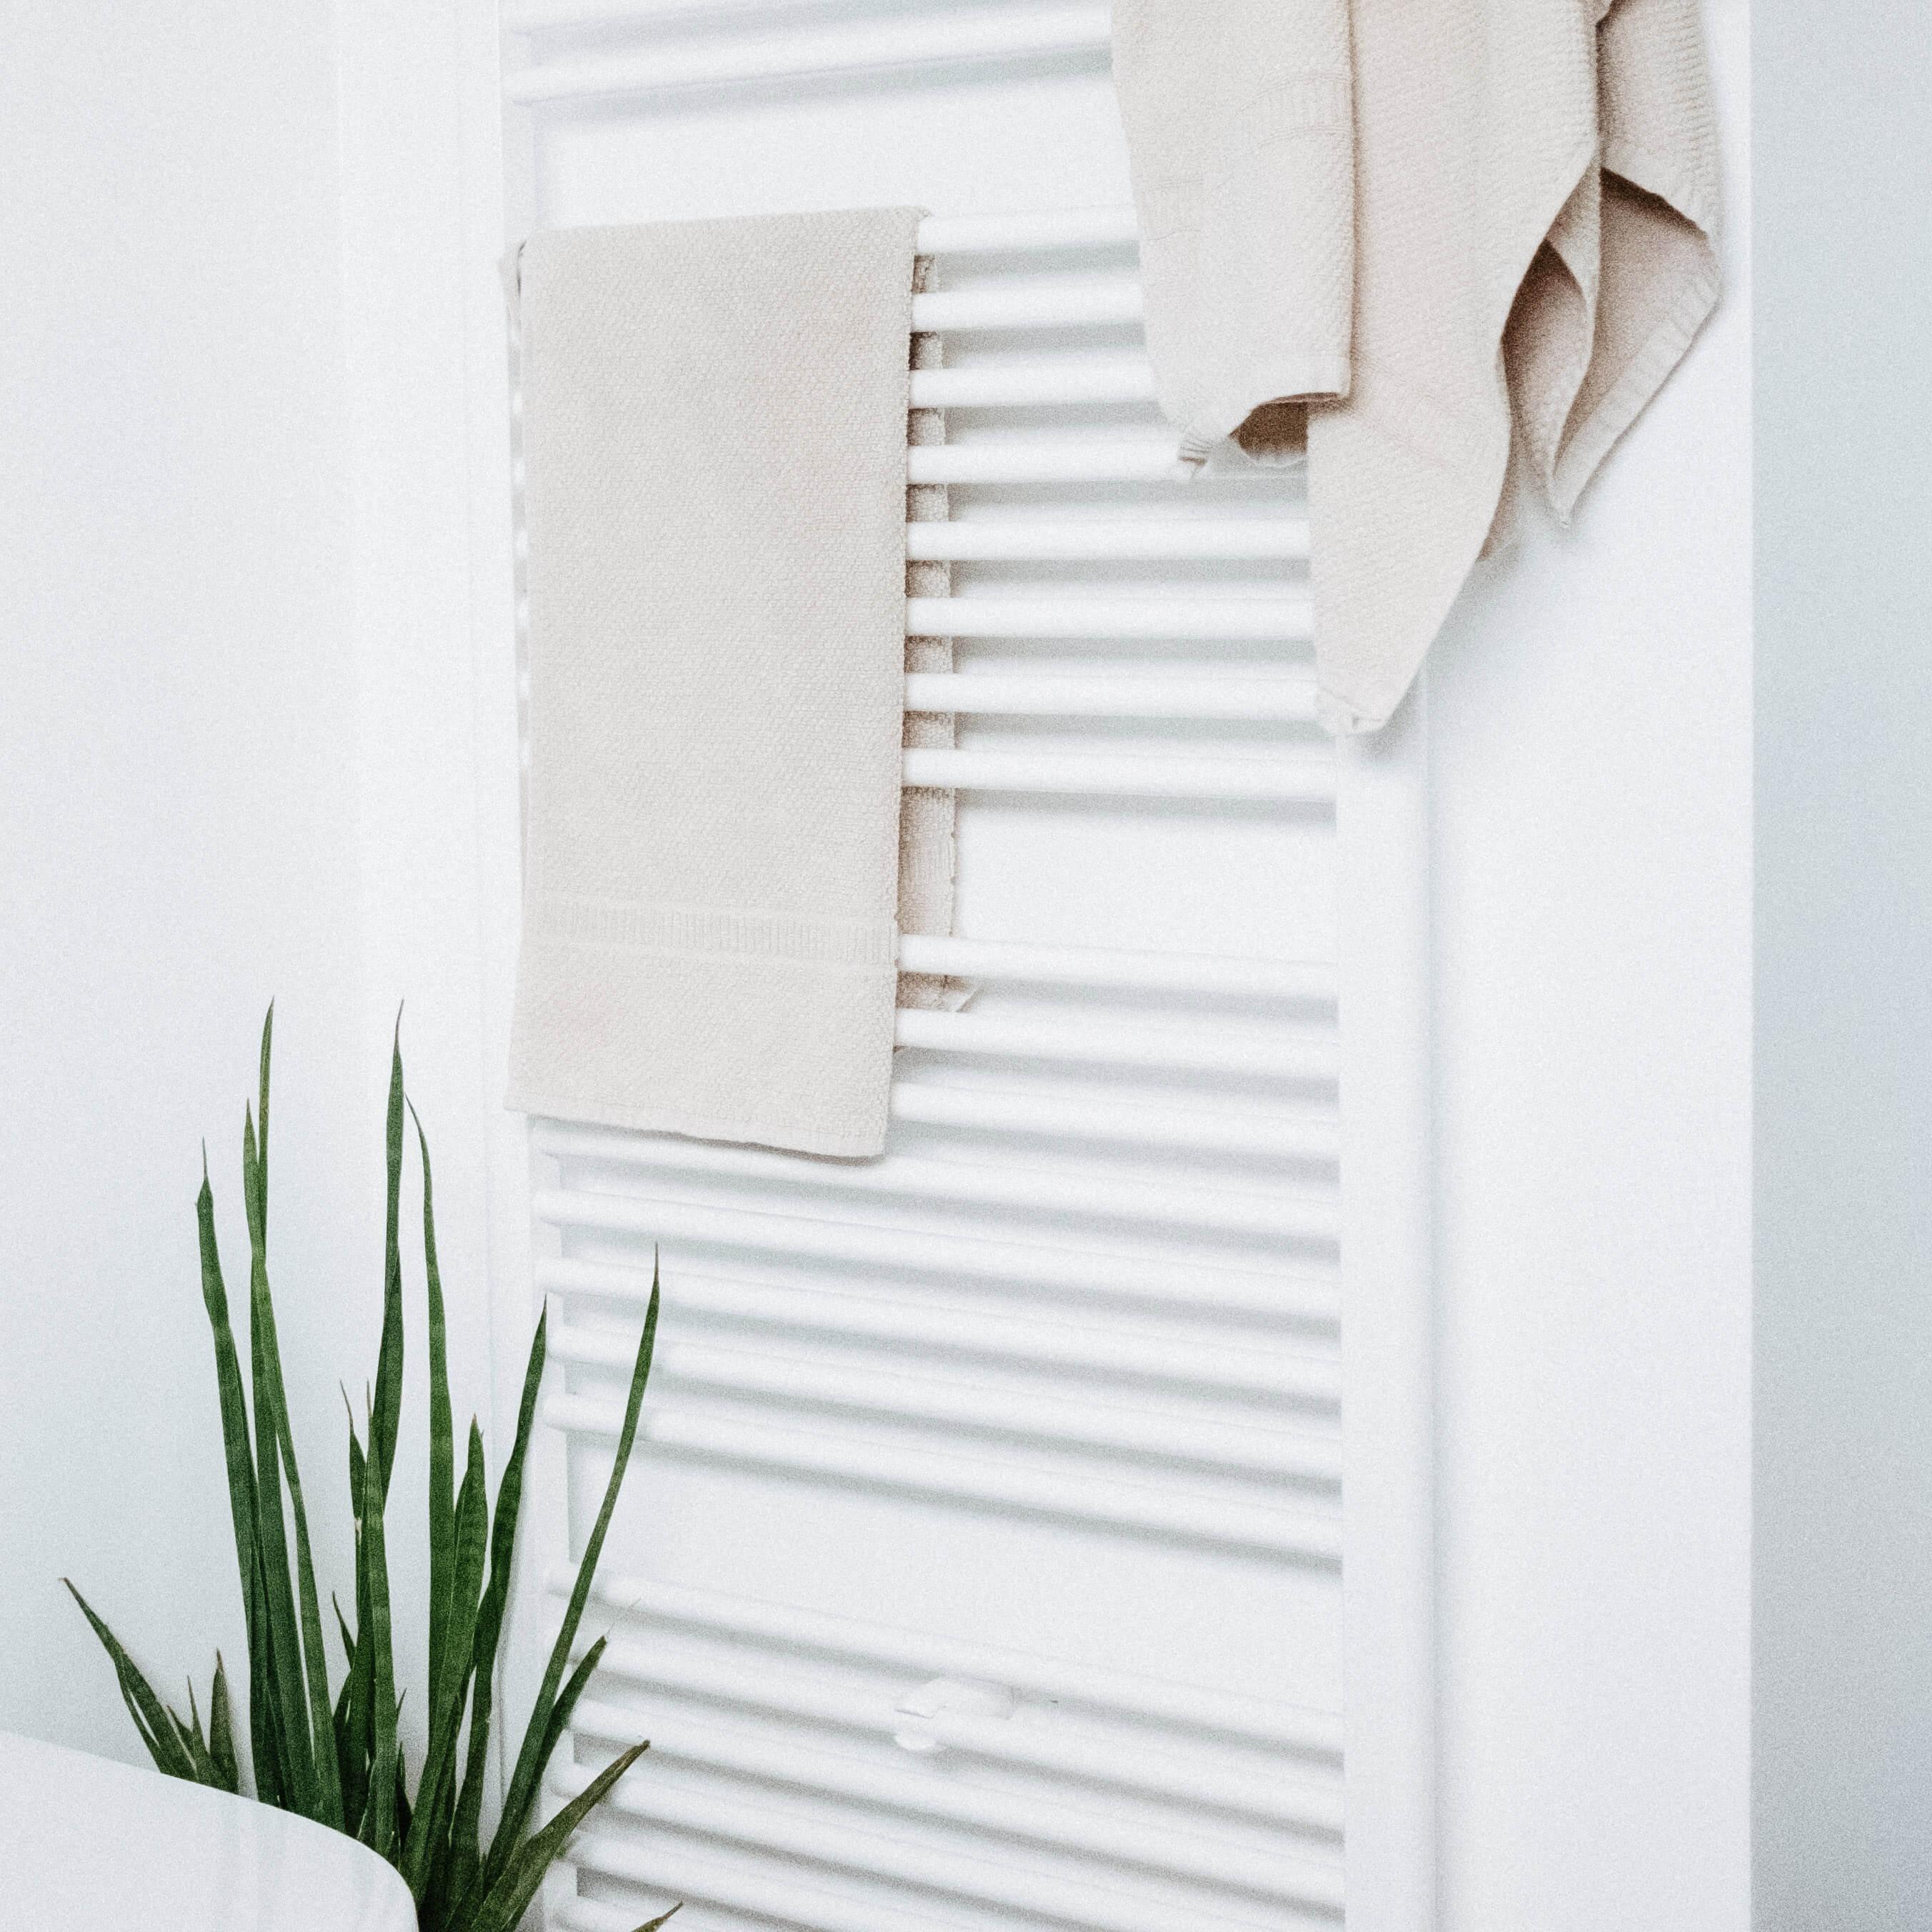 Centrale verwarming in witte badkamer met groene plant als accent.